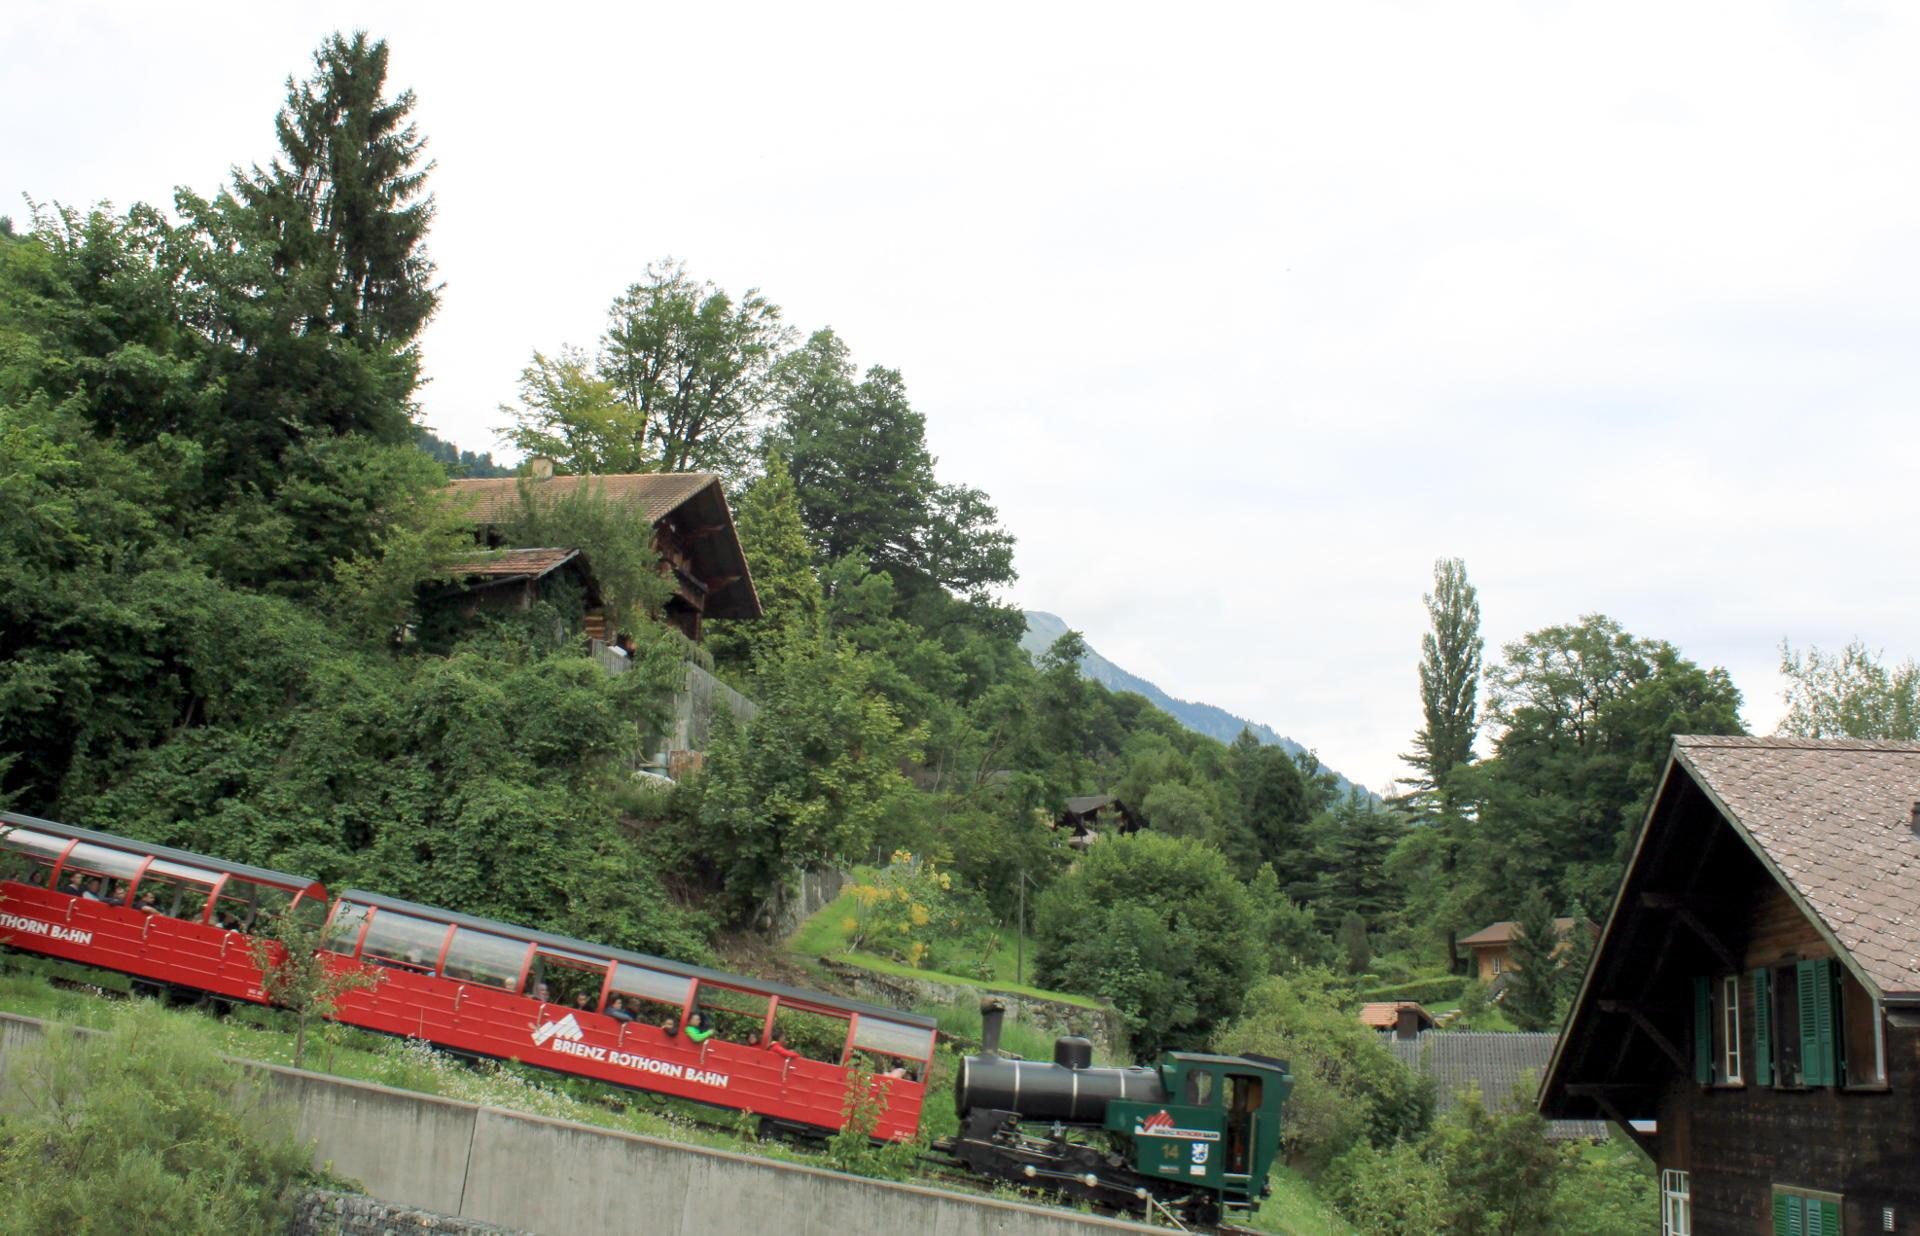 szwajcaria kolejka górska brienz iglawpodrozy